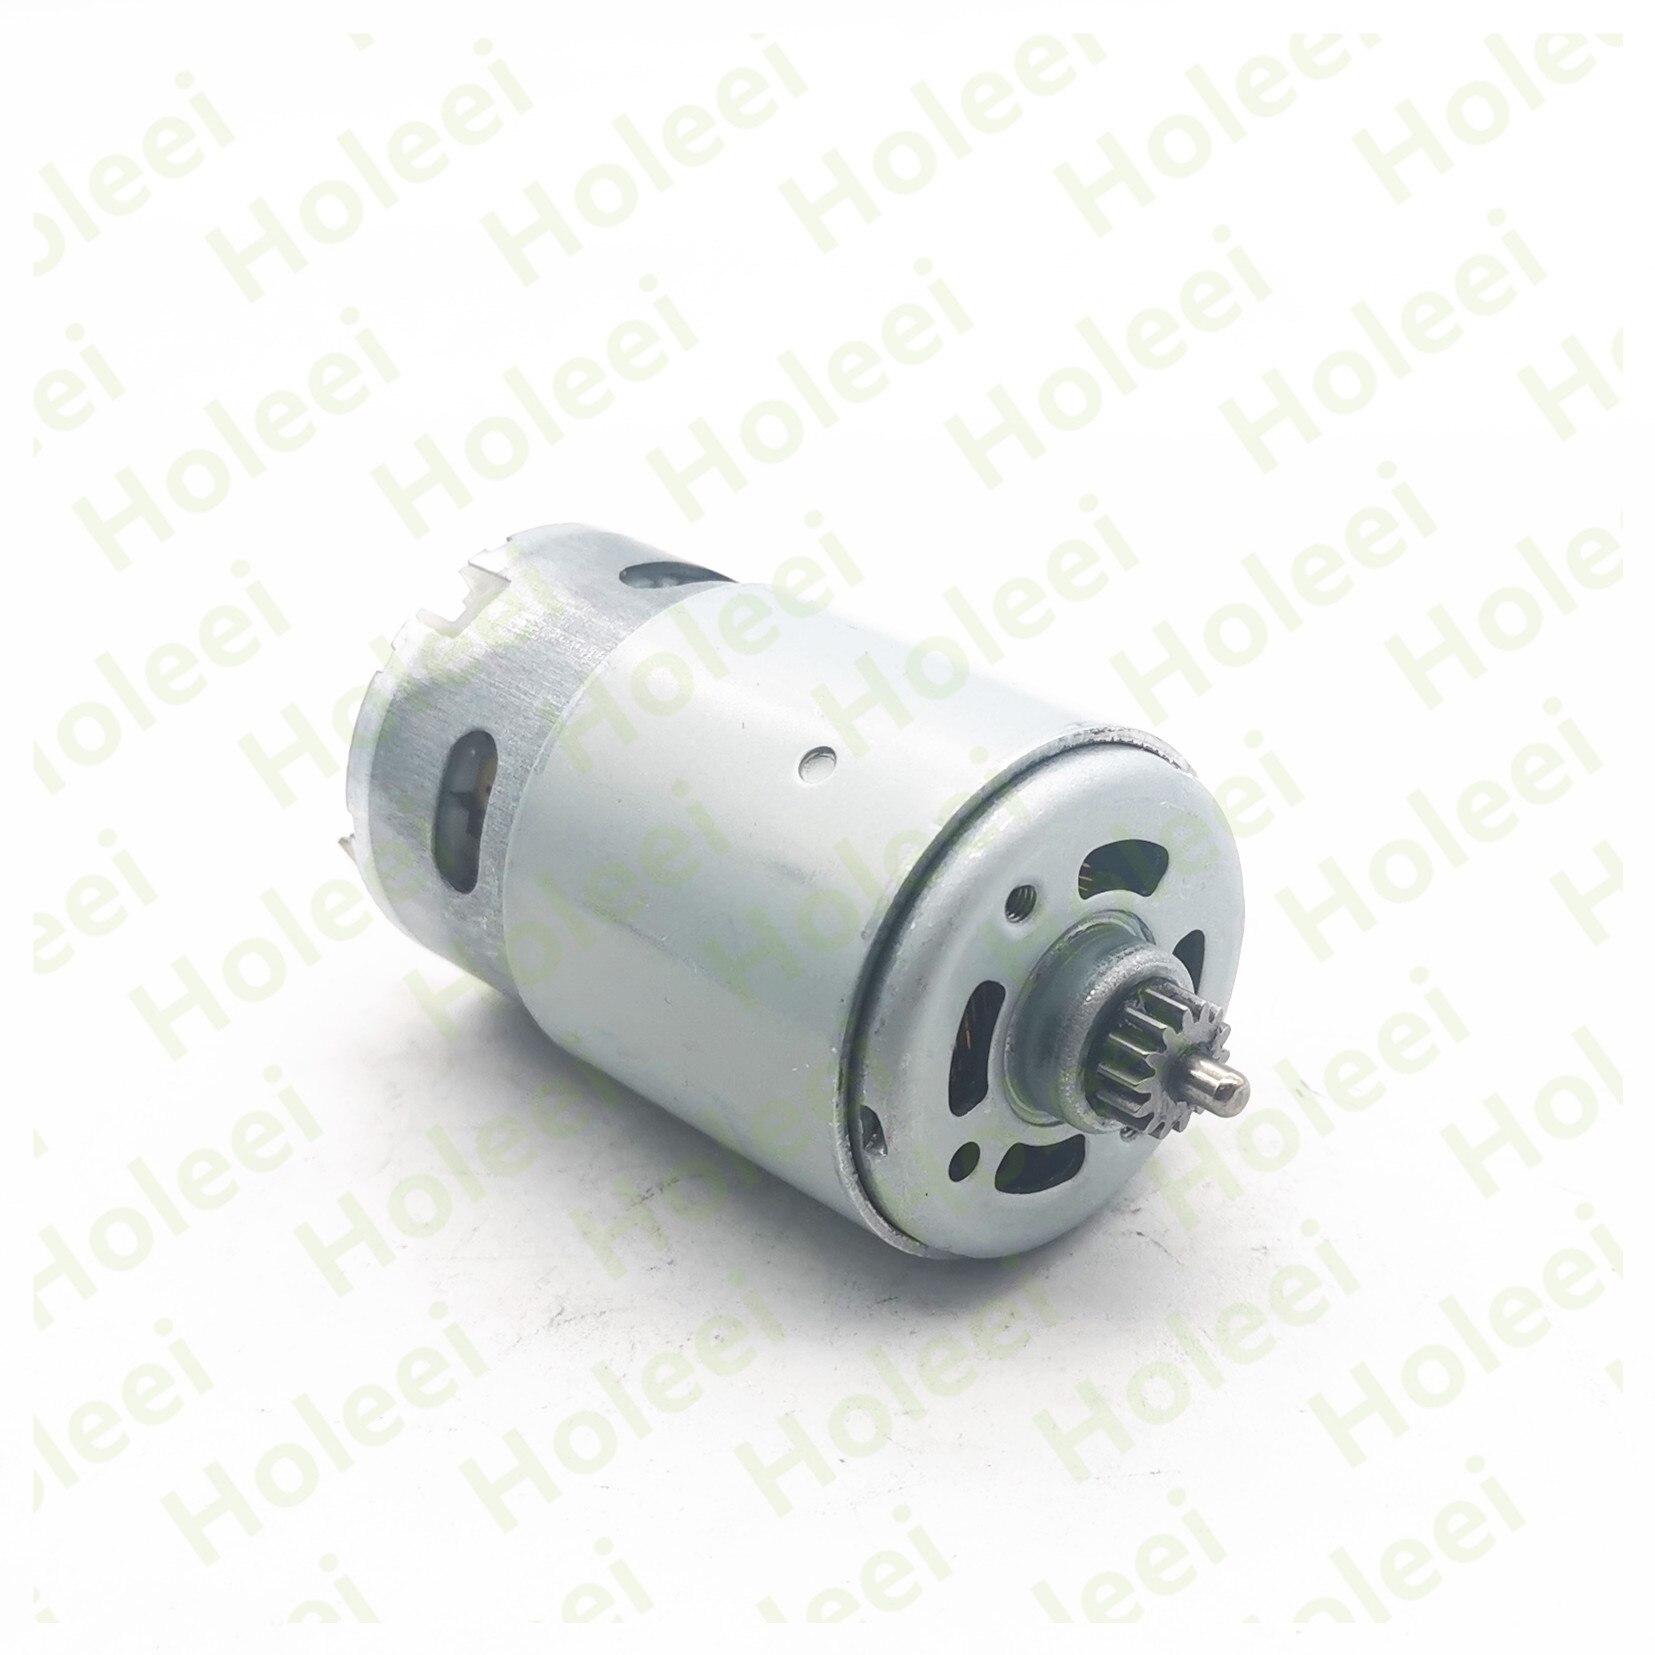 Motor de 10,8 V y 12V para batería eléctrica, PowerMaxx BS 12, BS12, herramienta eléctrica básica, clásica y rápida profesional Plus 317004310